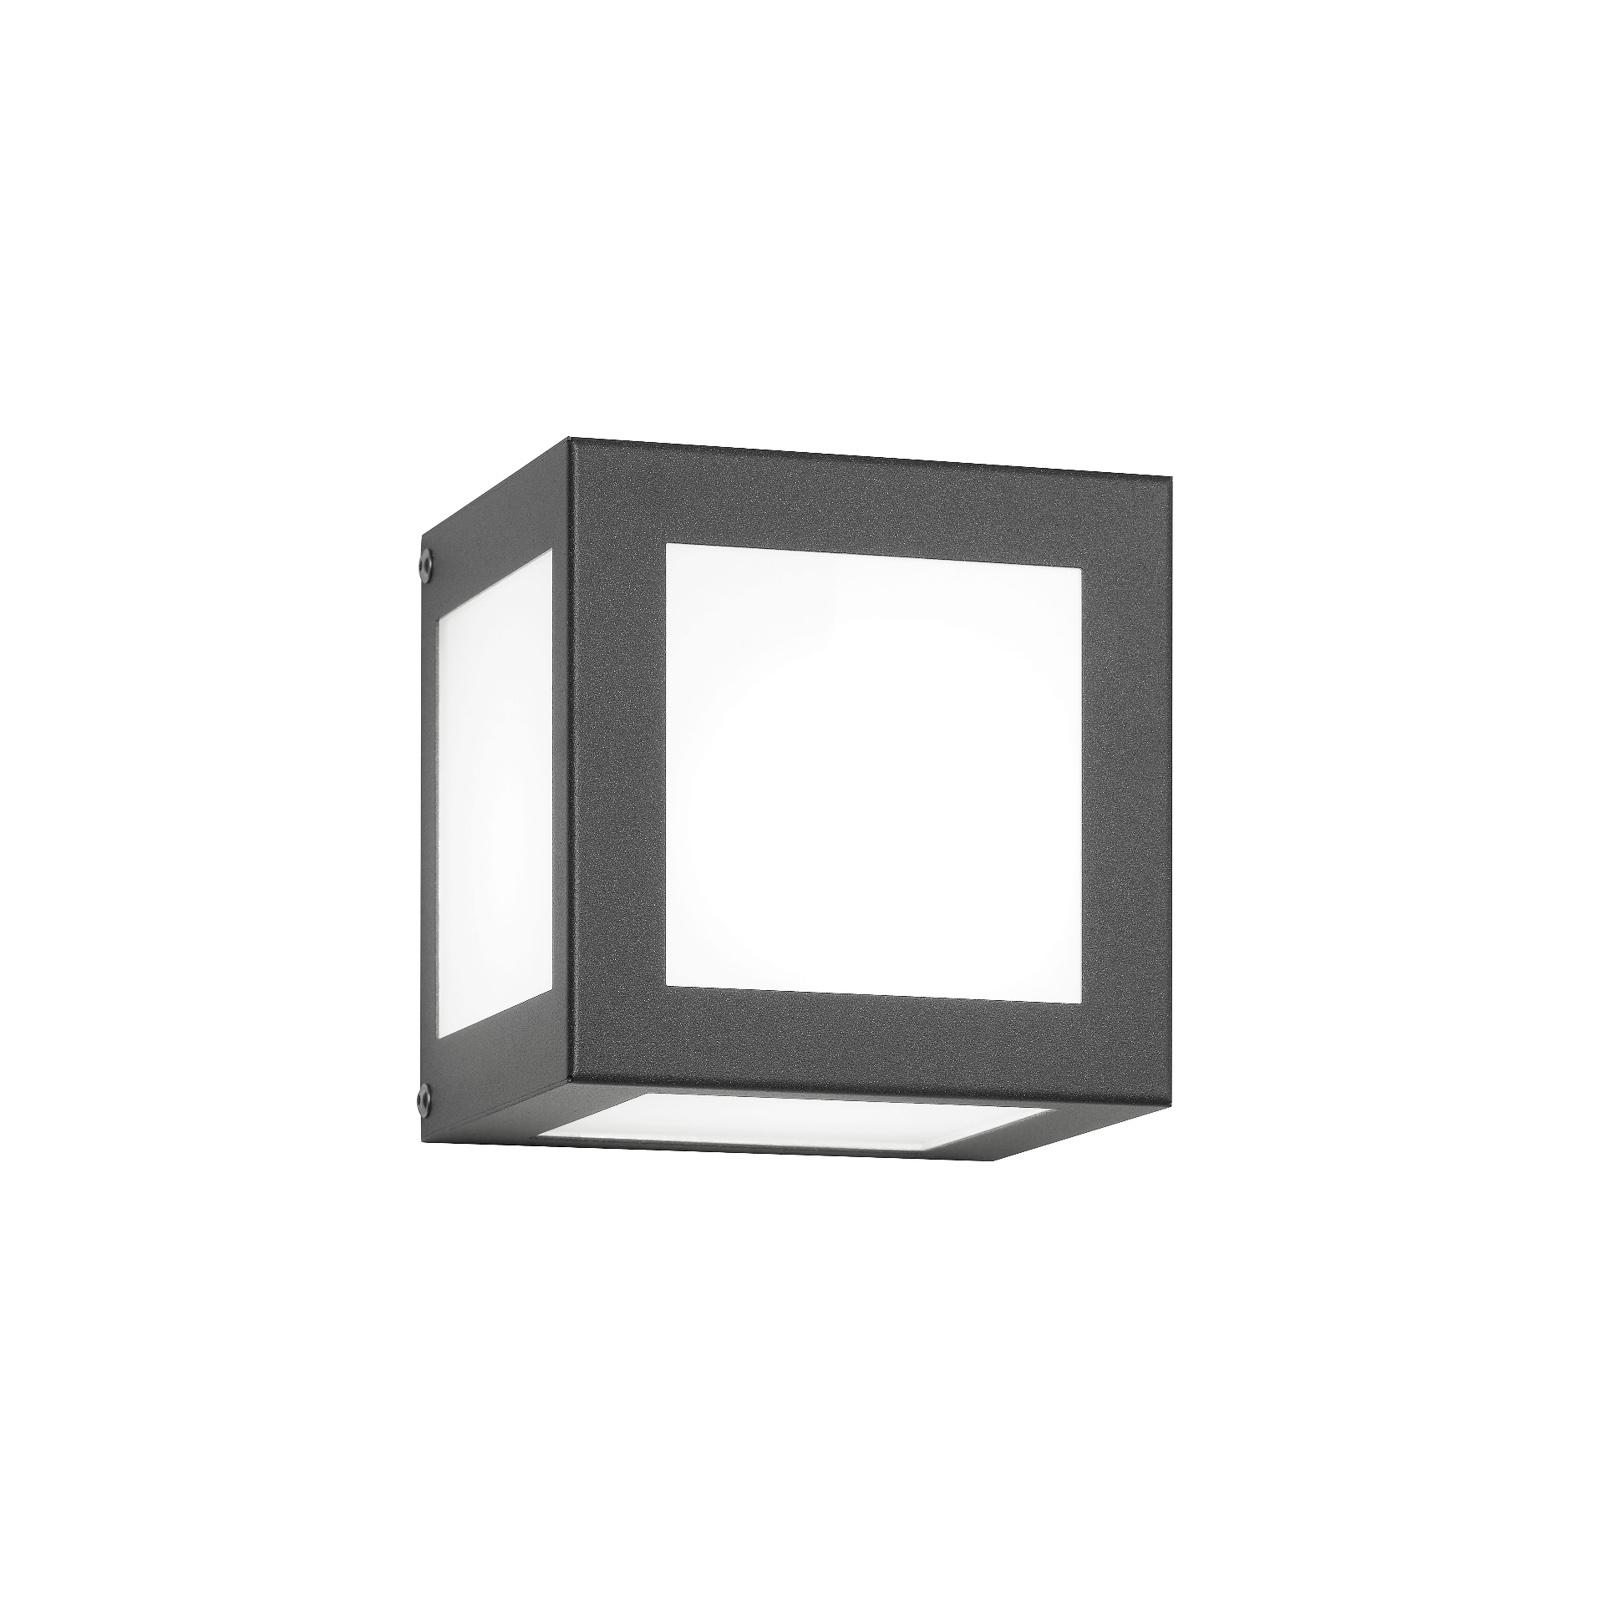 Applique d'extérieur Cubo cubique, anthracite